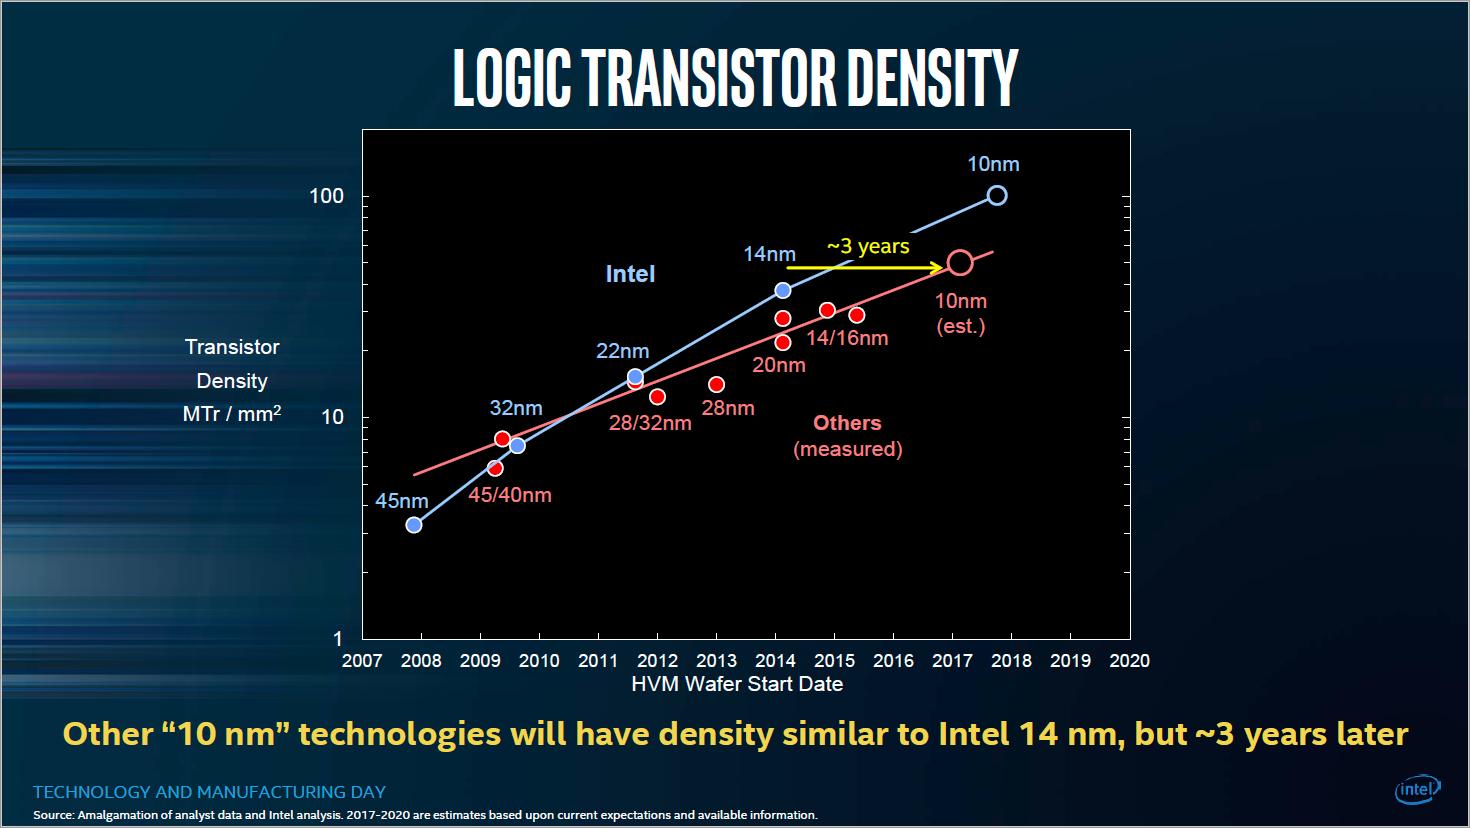 Fertigungstechnik: Das Nanometer-Marketing - Intel sieht sich drei Jahre vor der Konkurrenz. (Bild: Intel)